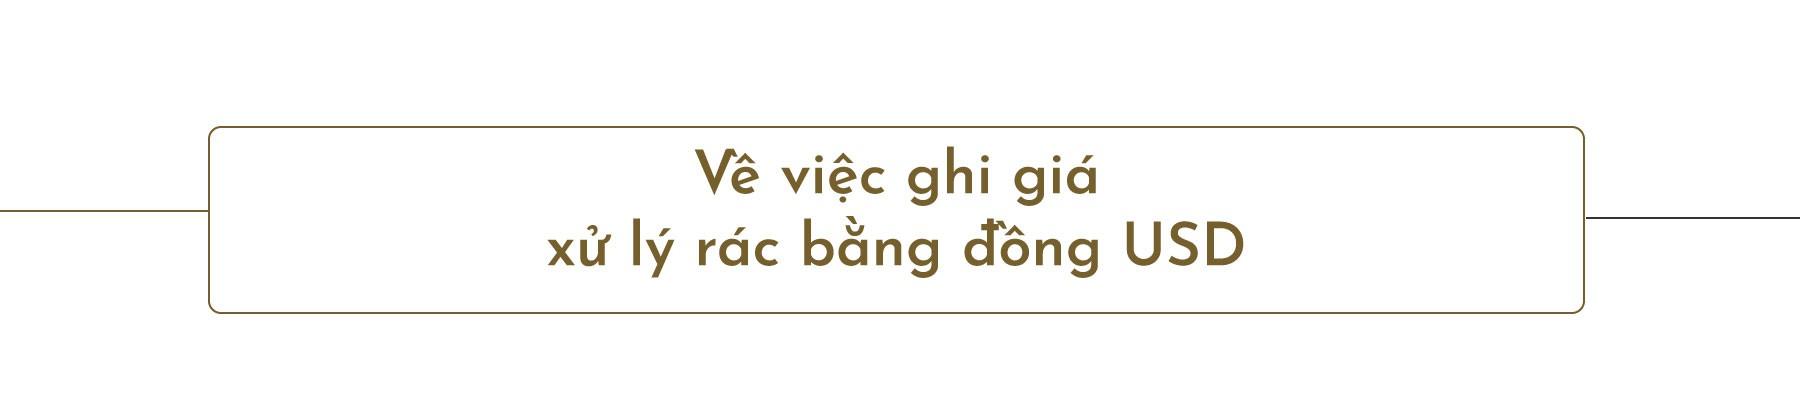 """(eMagazine) - Vì sao """"vua rác"""" David Dương cầu cứu Thủ tướng? - Ảnh 7."""